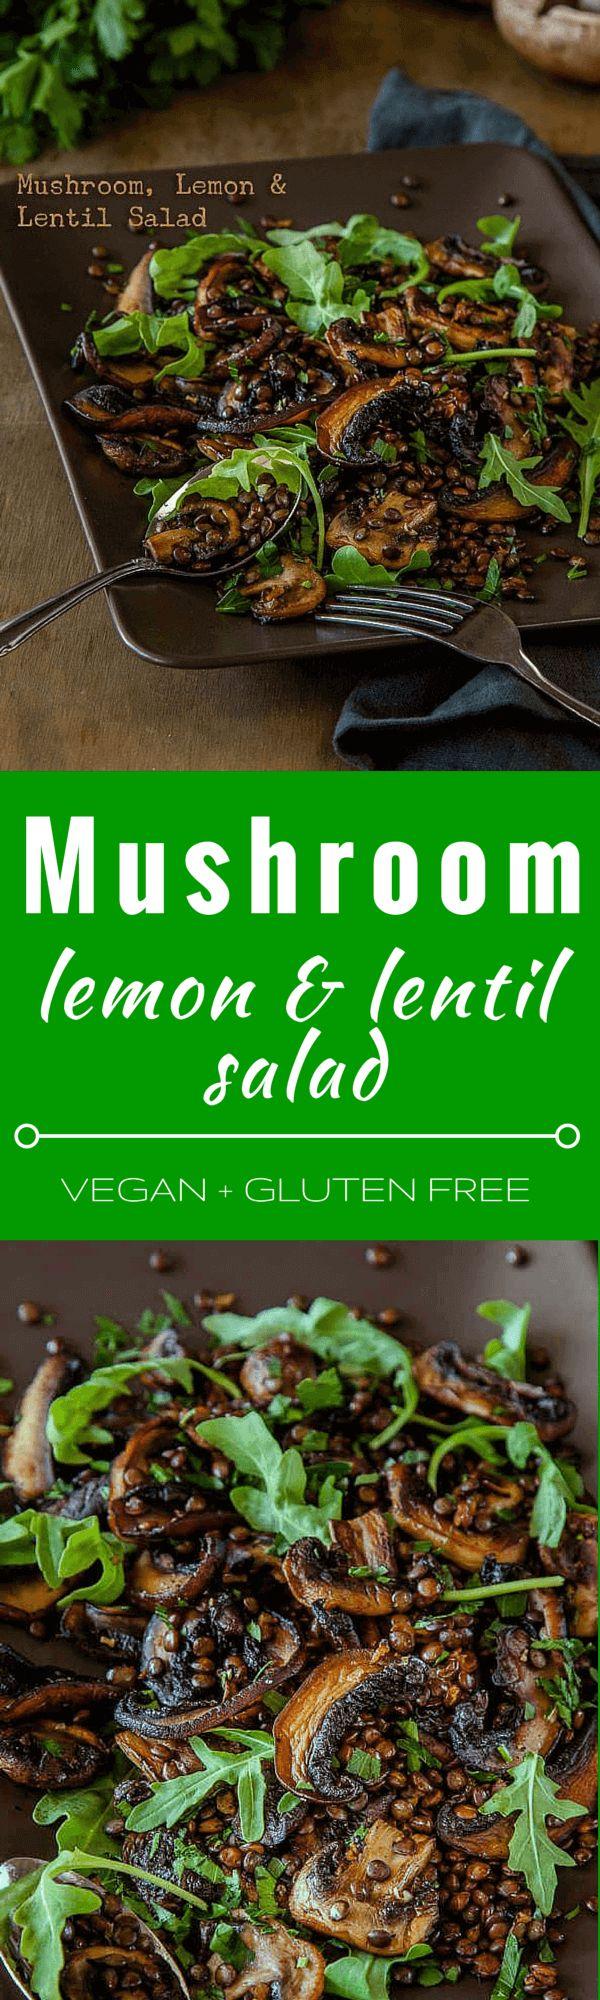 Mushroom, limón y ensalada de lentejas - esta ensalada vegetariana caluroso es ideal para los almuerzos y las comidas campestres y se puede hacer antes de tiempo. También es libre de gluten.   Conseguir la receta en DeliciousEveryday.com